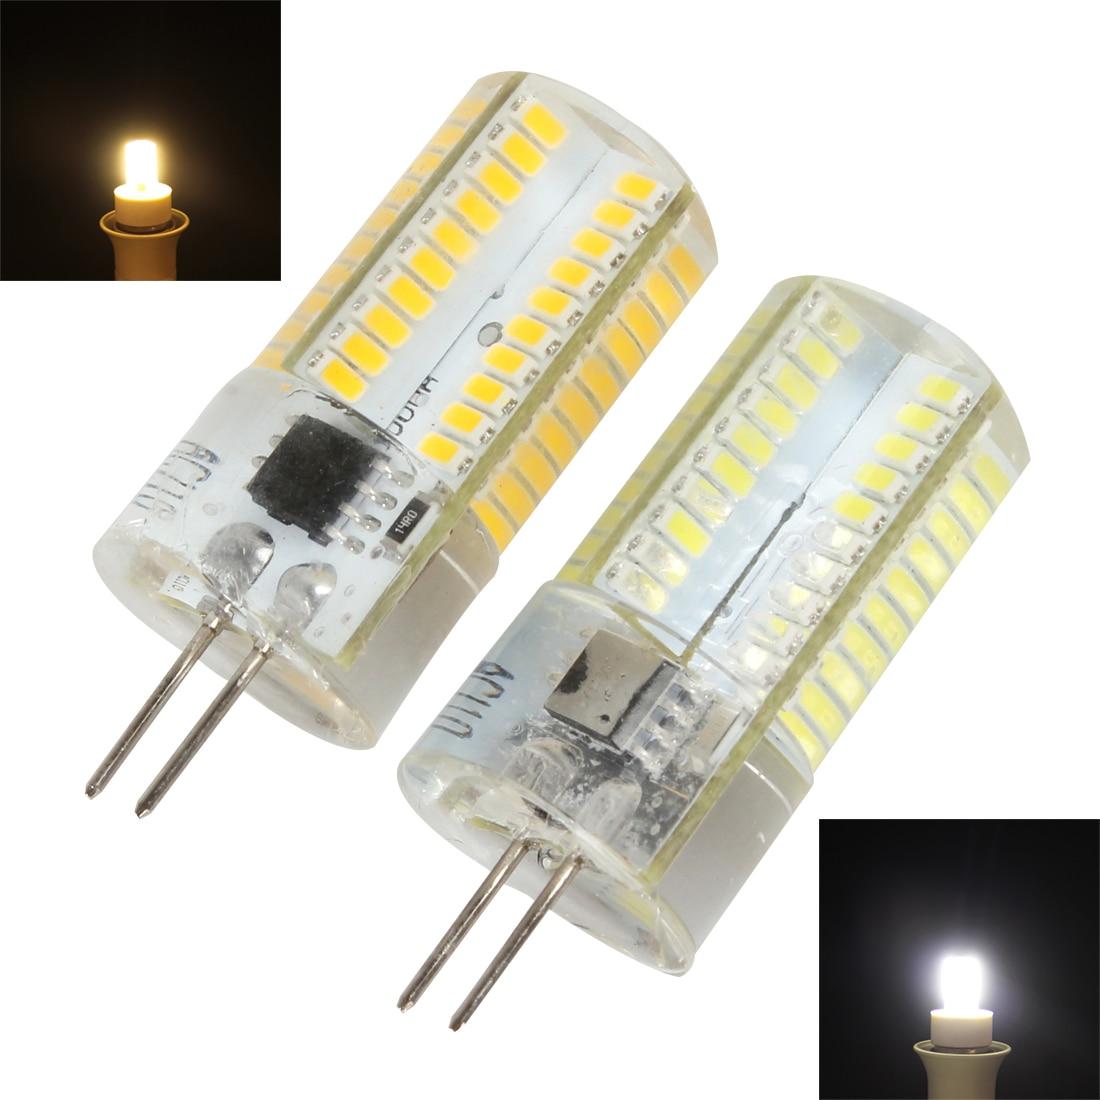 LED Silicone Crystal Light Bulb Dimmable G4 80 LEDs 3014 SMD White/Warm White Light 110V/220V Lamp